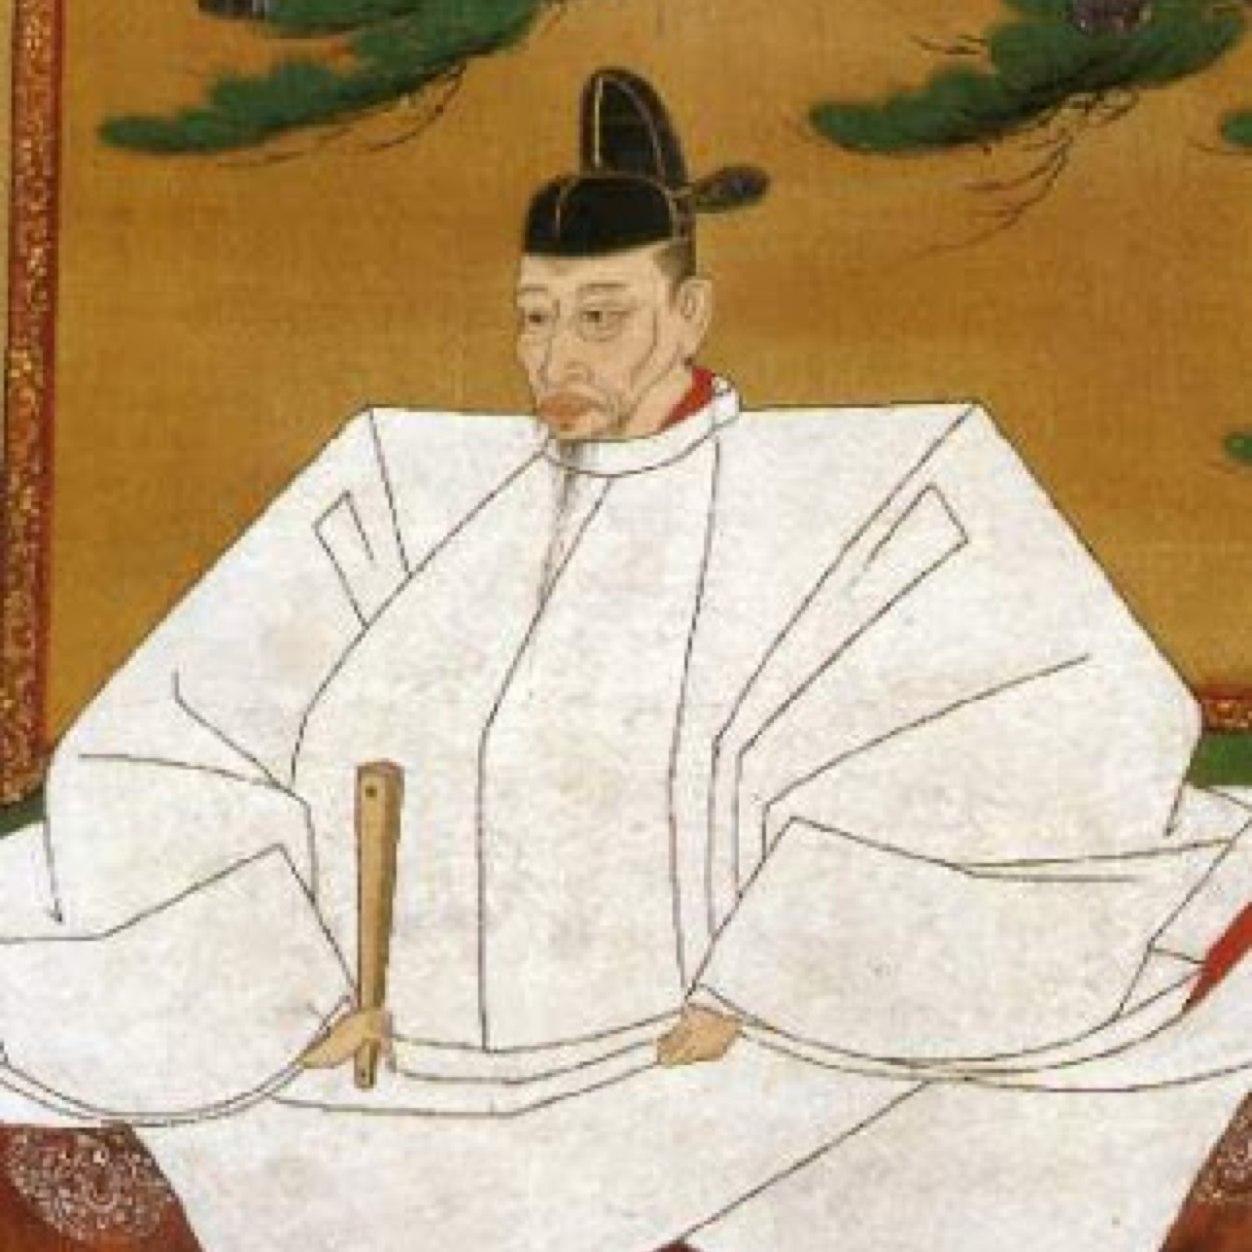 第37回 豊臣秀吉の天下統一 - 歴史研究所